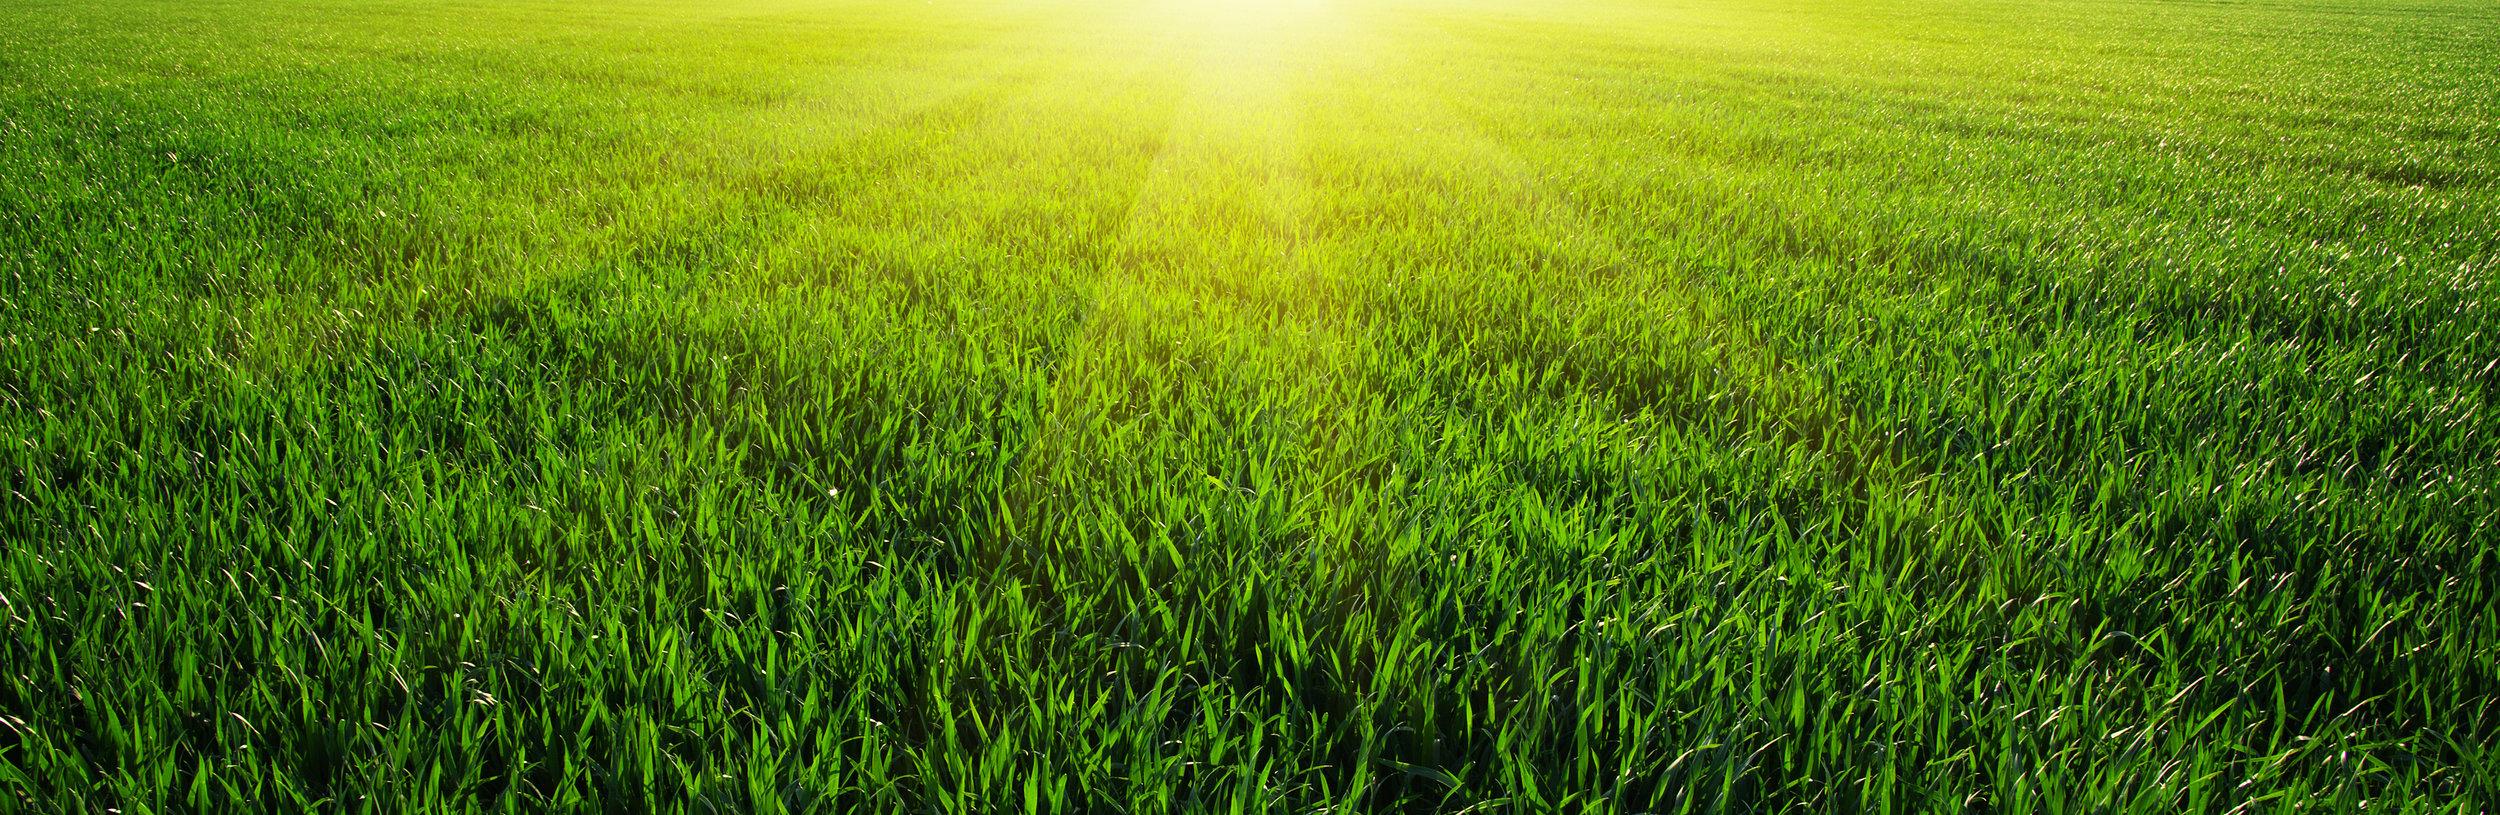 Sunny-Grass-105000105.jpg